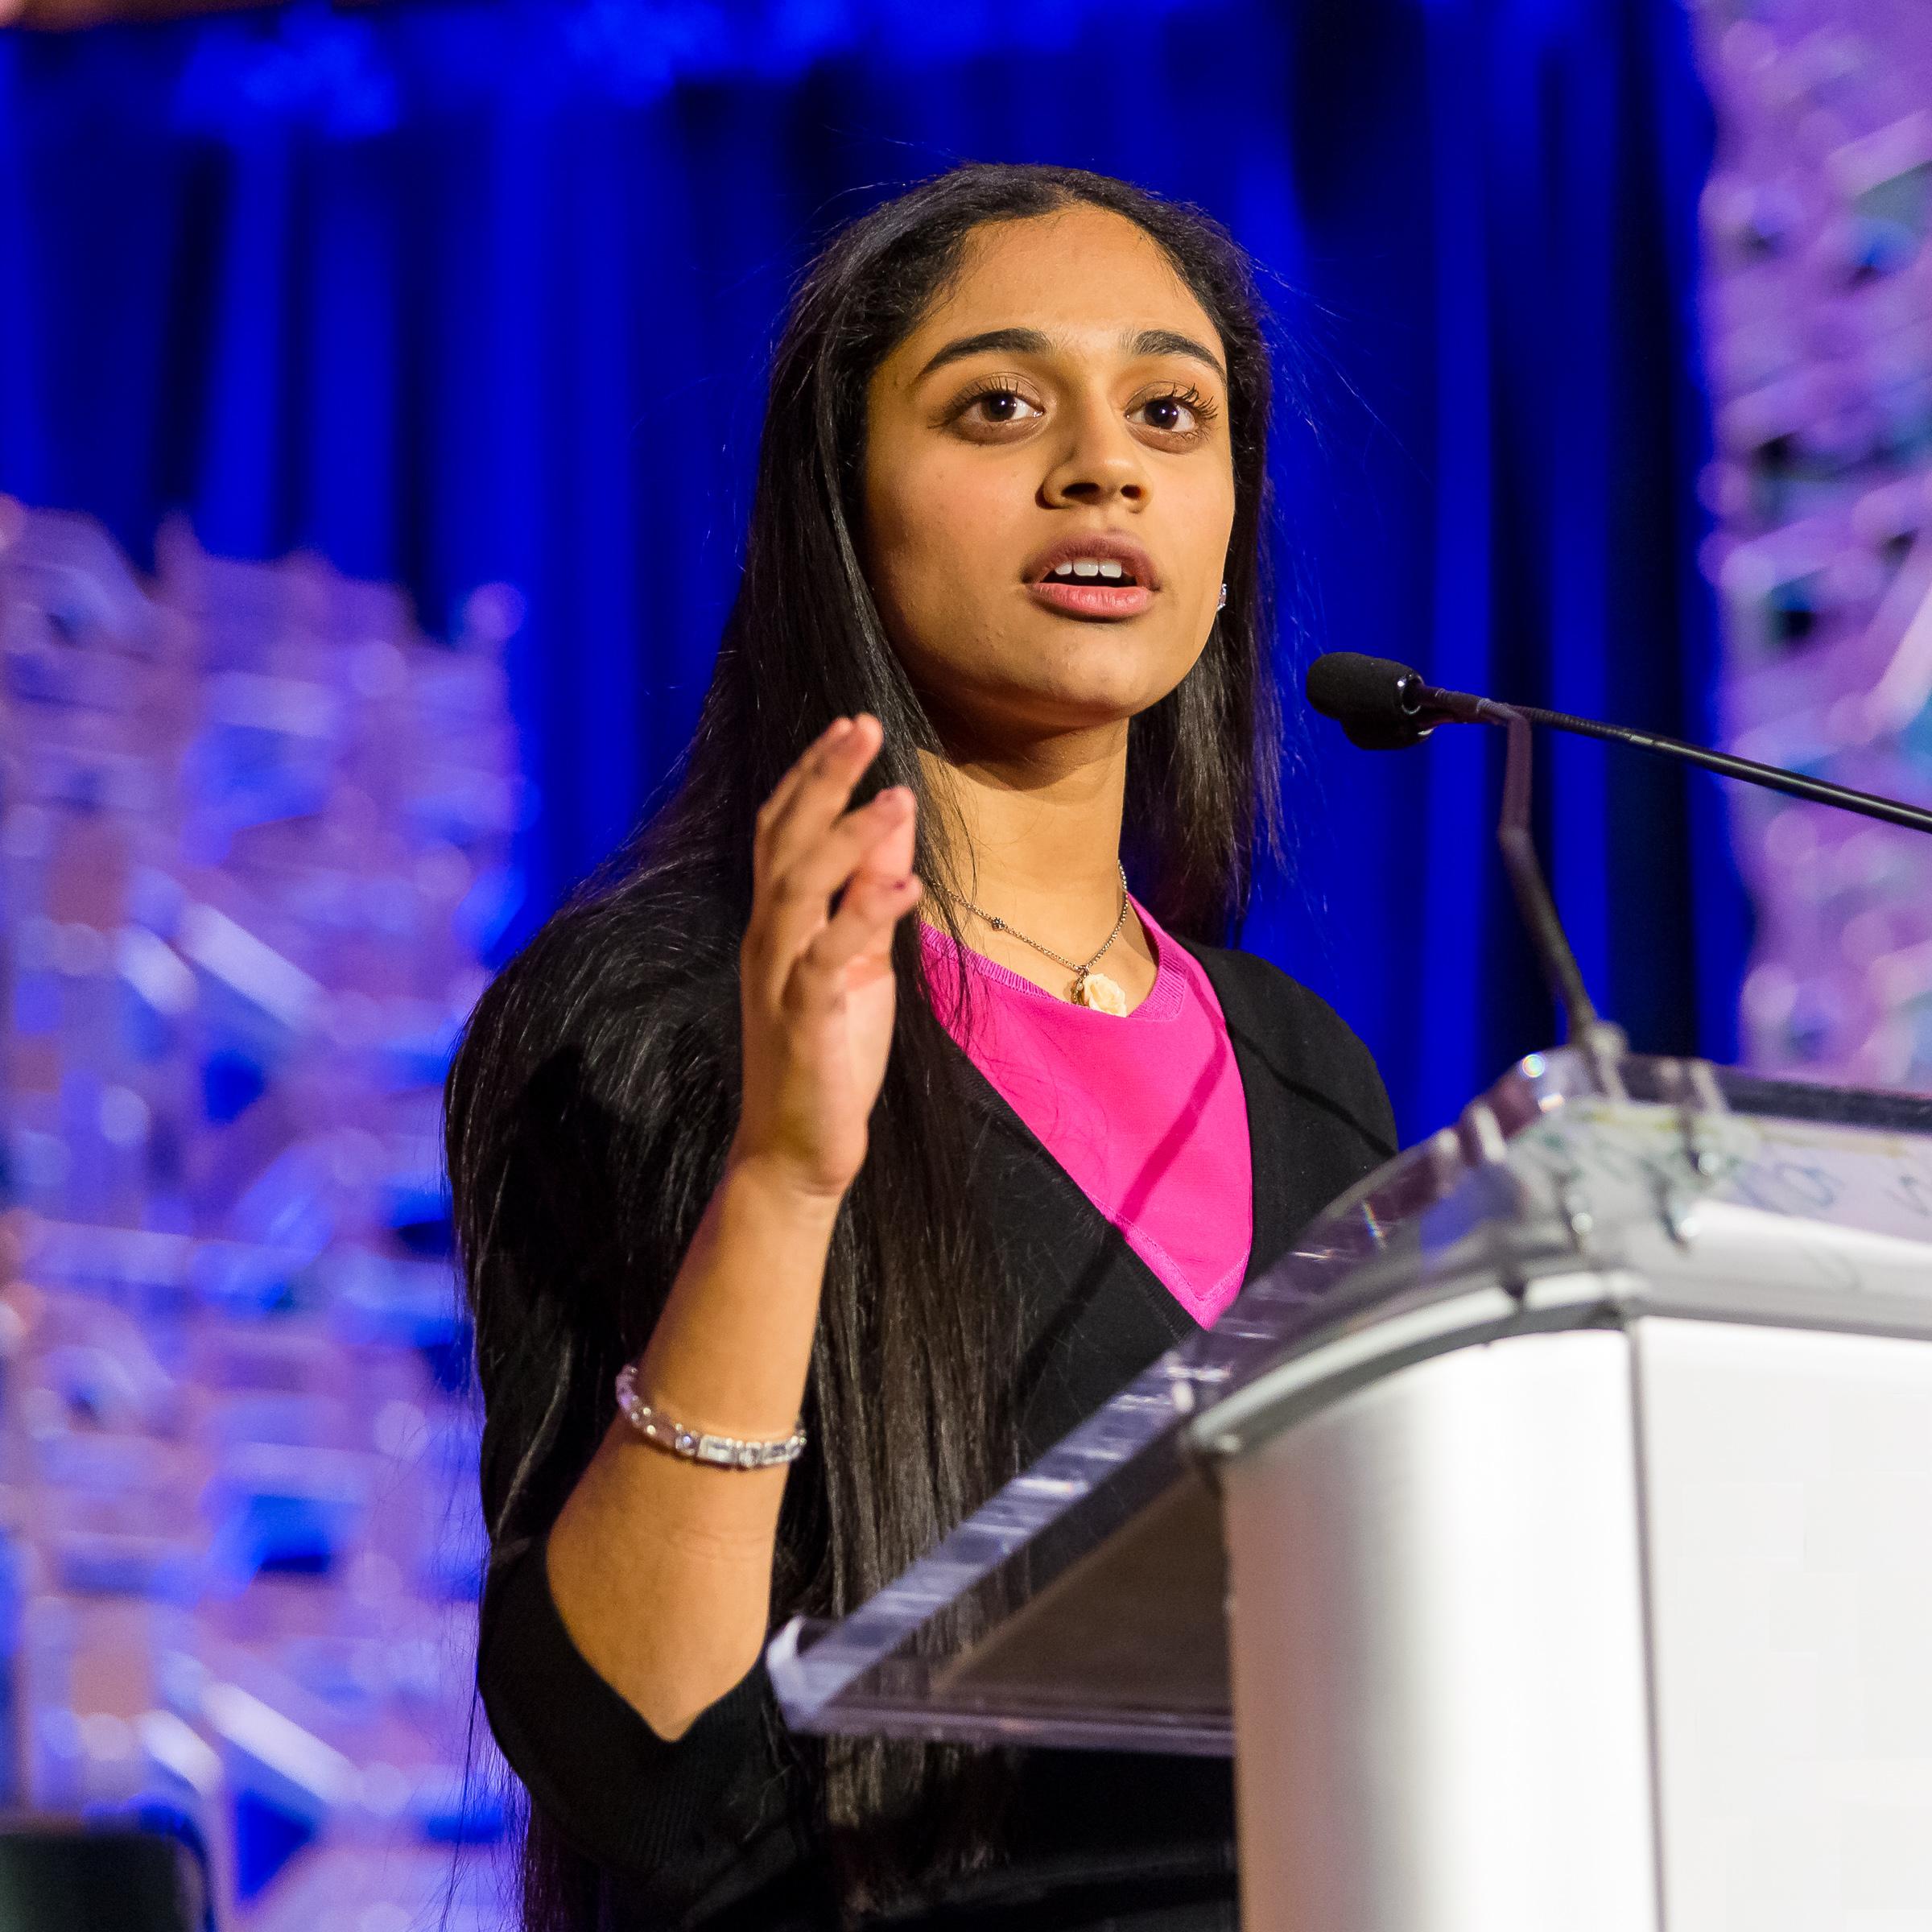 Trisha Prabhu